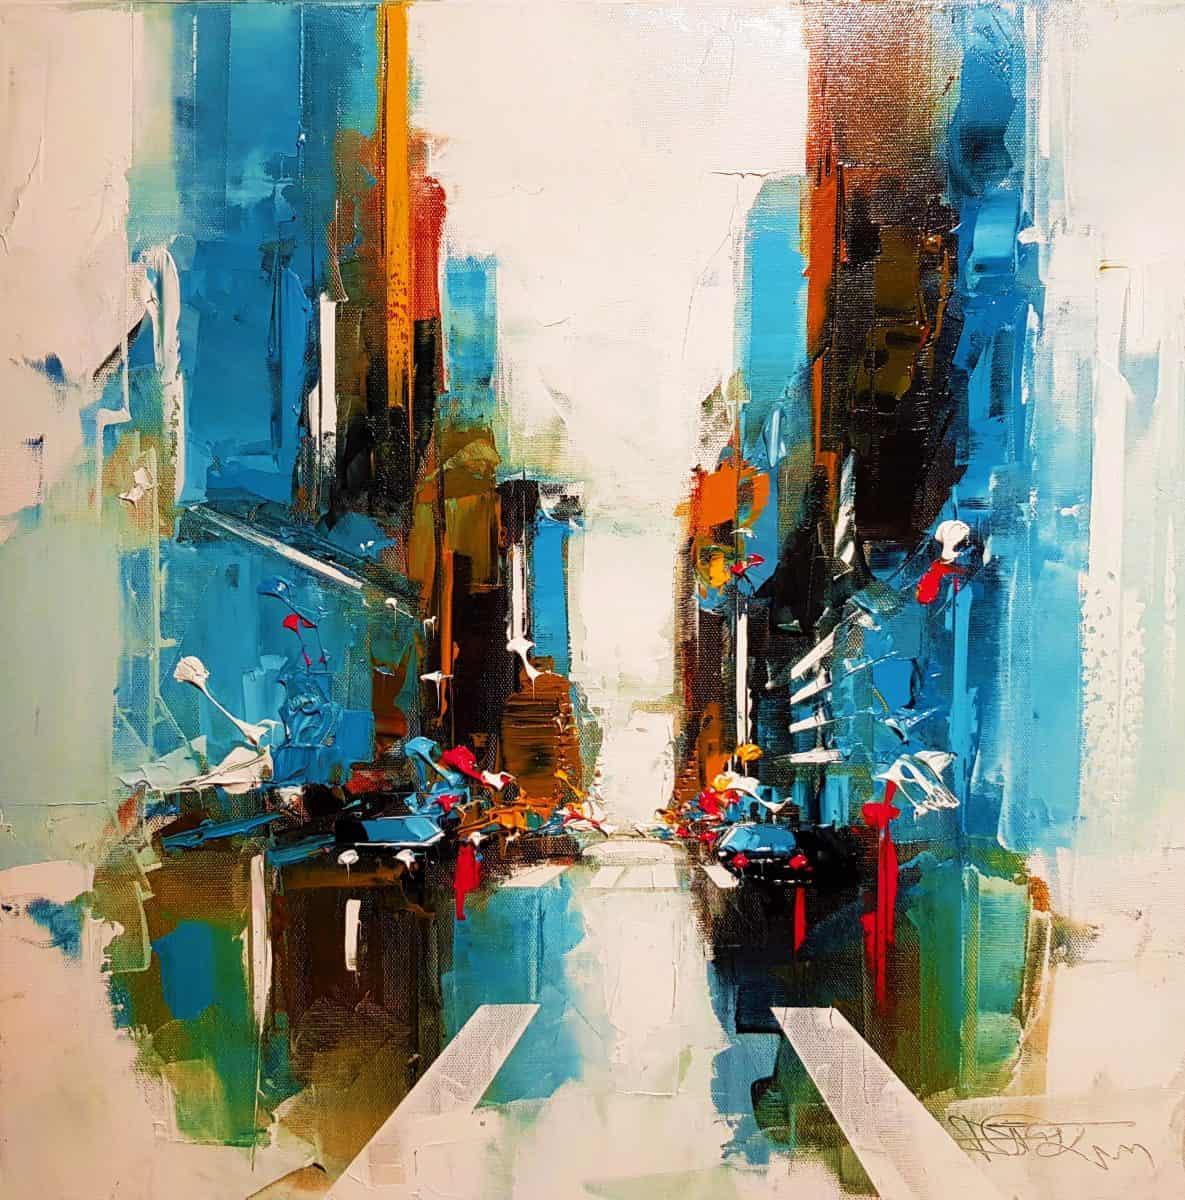 Daniel CASTAN Artiste Peintre Galerie d'Art Sylvie Platini Lyon Annecy